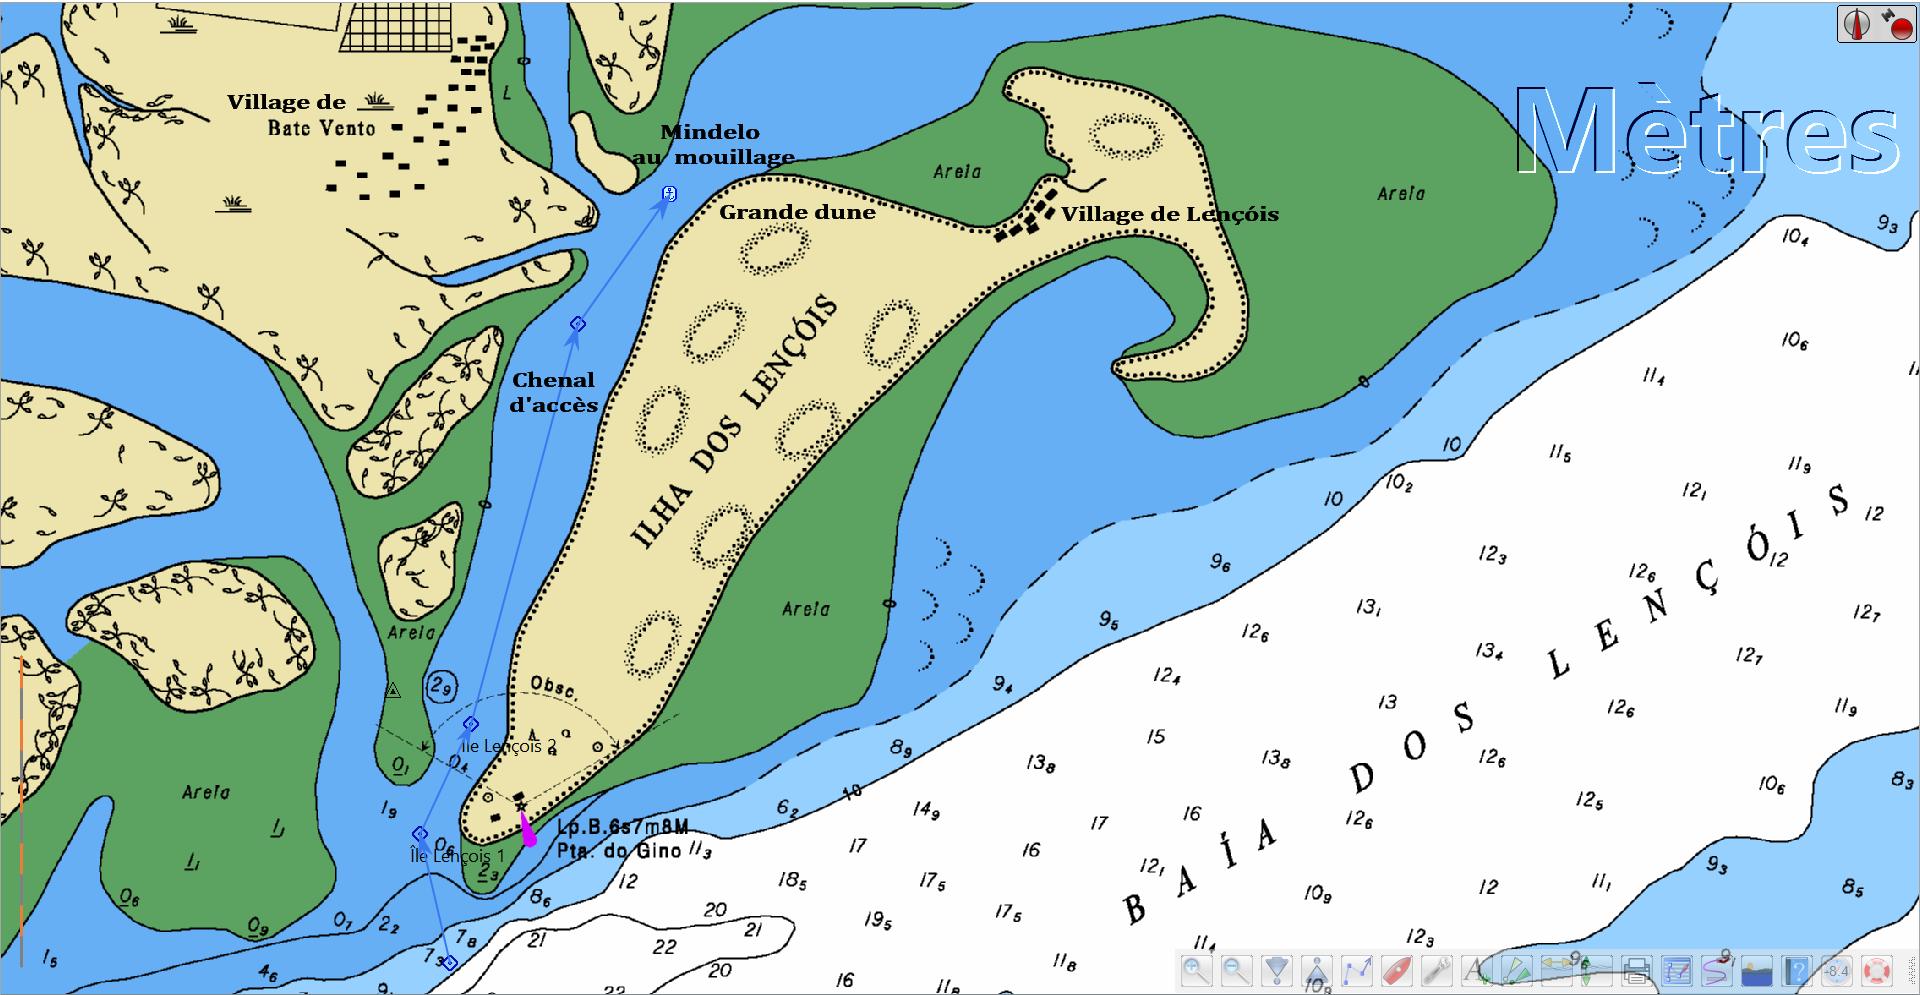 04. Île dos Lençois